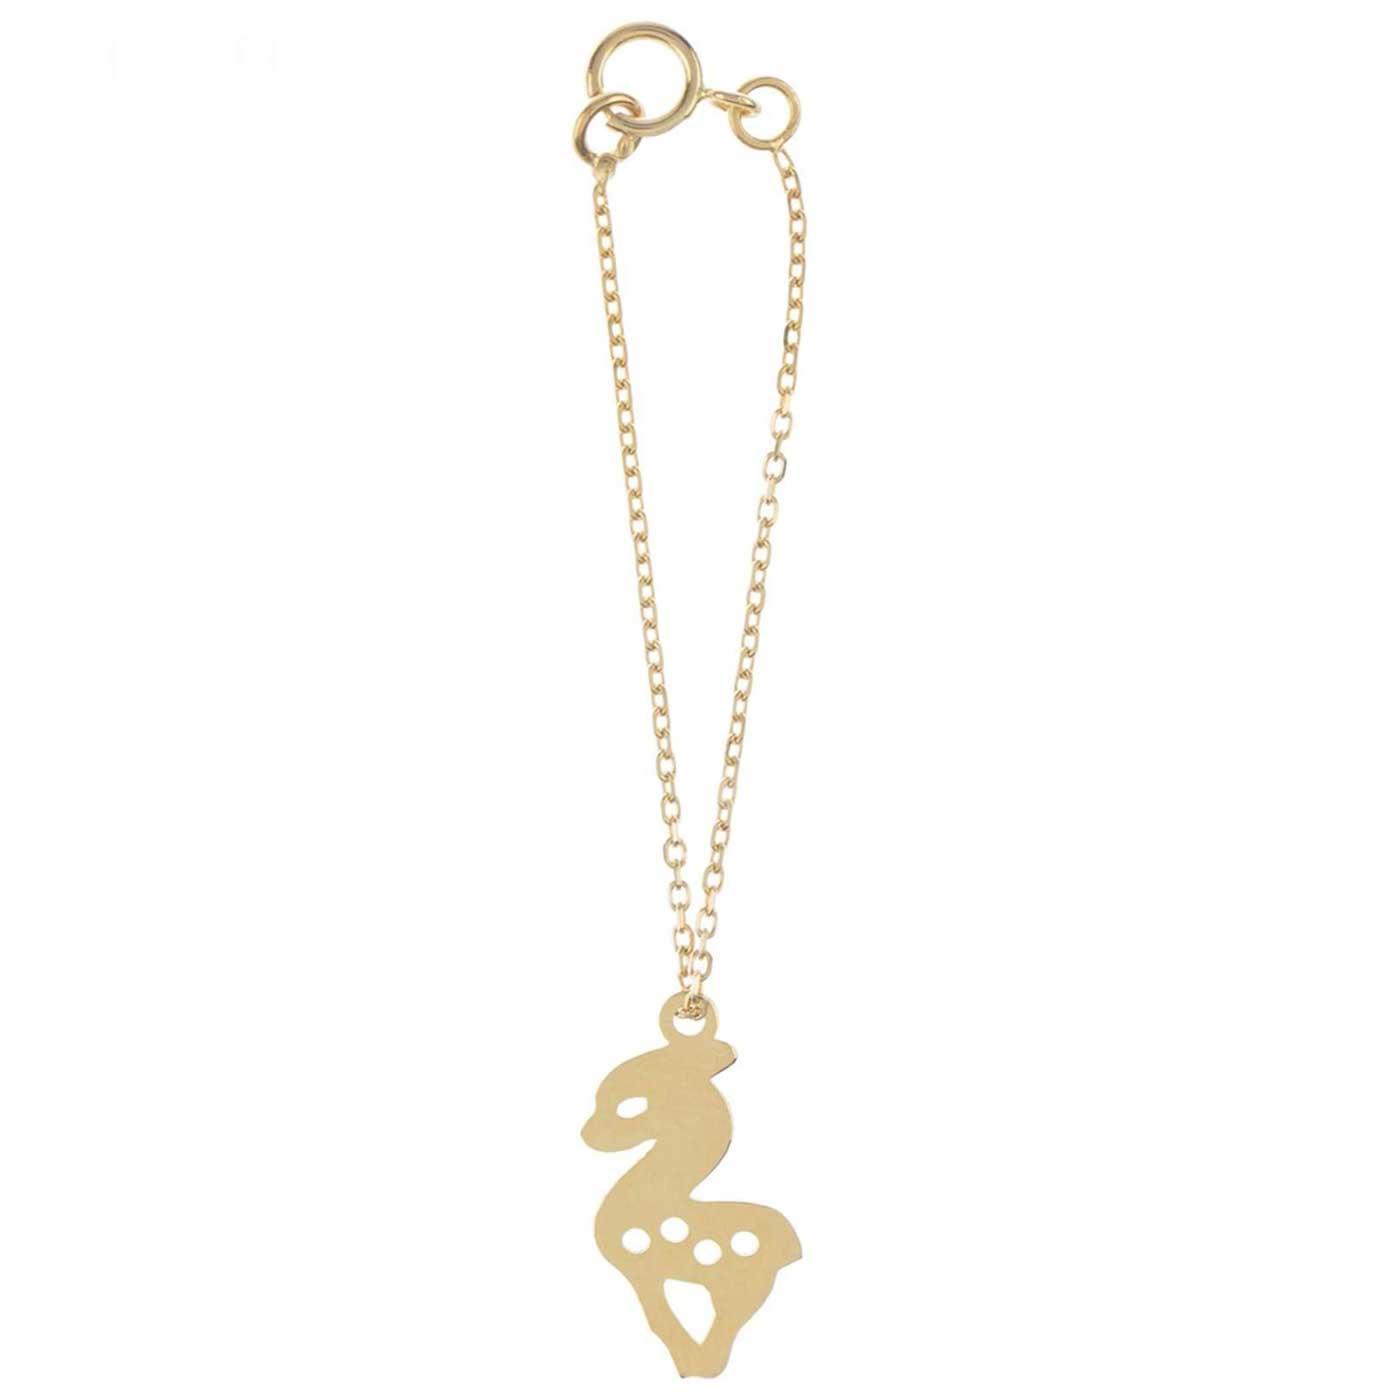 آویز ساعت طلا 18 عیار زنانه کانیار گالری کد AS106 -  - 3